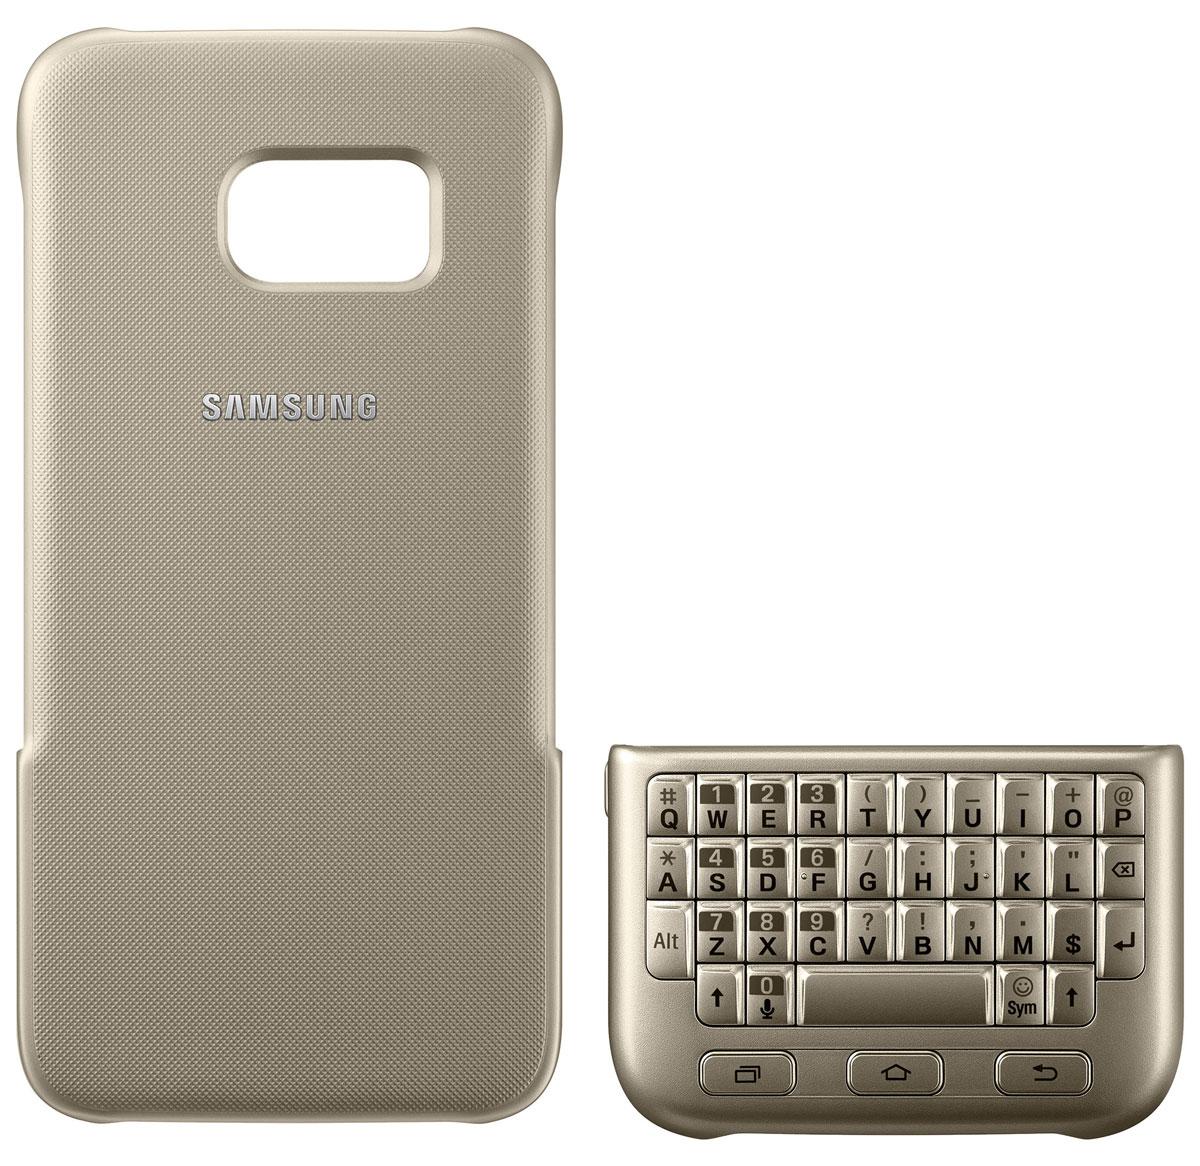 Samsung EJ-CG930 Keyboard Cover чехол-клавиатура для Galaxy S7, GoldEJ-CG930UFEGRUЧехол-клавиатура Samsung EJ-CG930 Keyboard Cover разработан специально для модели смартфона Galaxy S7. С его помощью набирать текст сообщений, создавать и сохранять заметки быстрее и проще. Накладная клавиатура работает по механическому принципу - она не тратит проценты заряда вашего смартфона и не требует дополнительных подключений. Клавишный блок можно разместить поверх экрана - смартфон автоматически распознает его и адаптирует интерфейс к новому размеру дисплея. Чехол также выполняет защитную функцию - предохраняет смартфон от пыли и повреждений. Модель совместима с ОС Android 4.4 или выше.